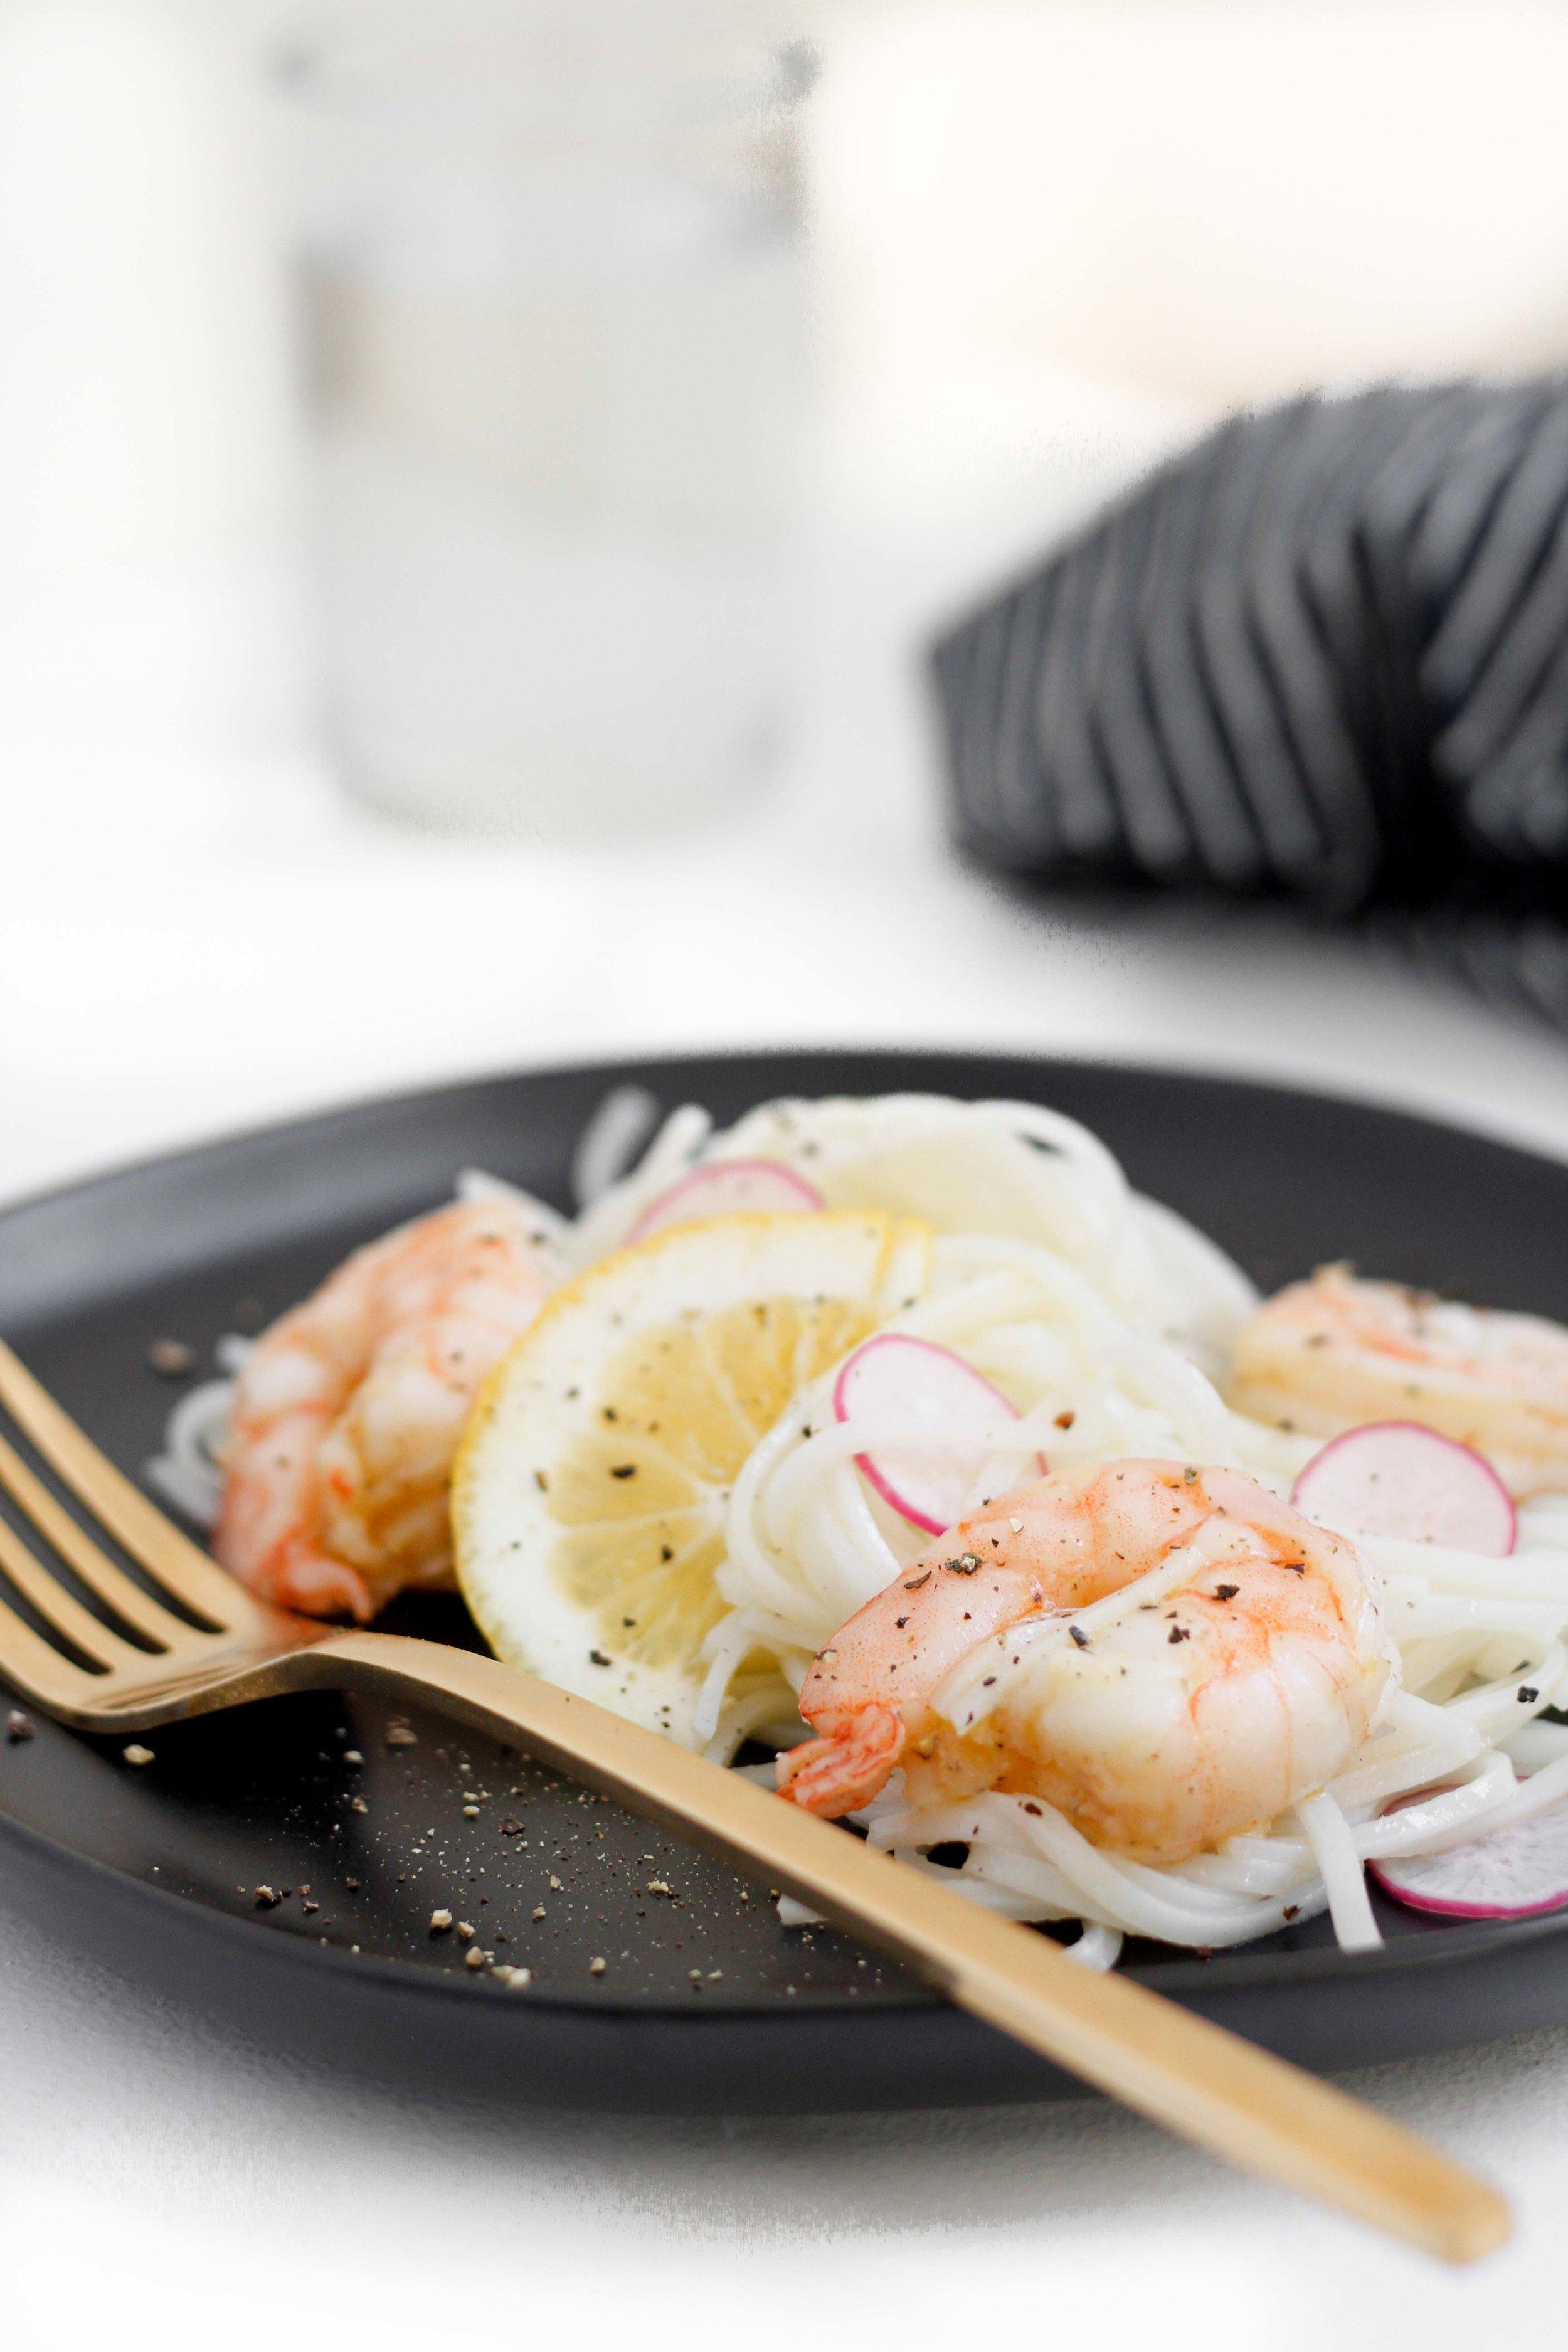 Shrimp with lemon pepper vinaigrette